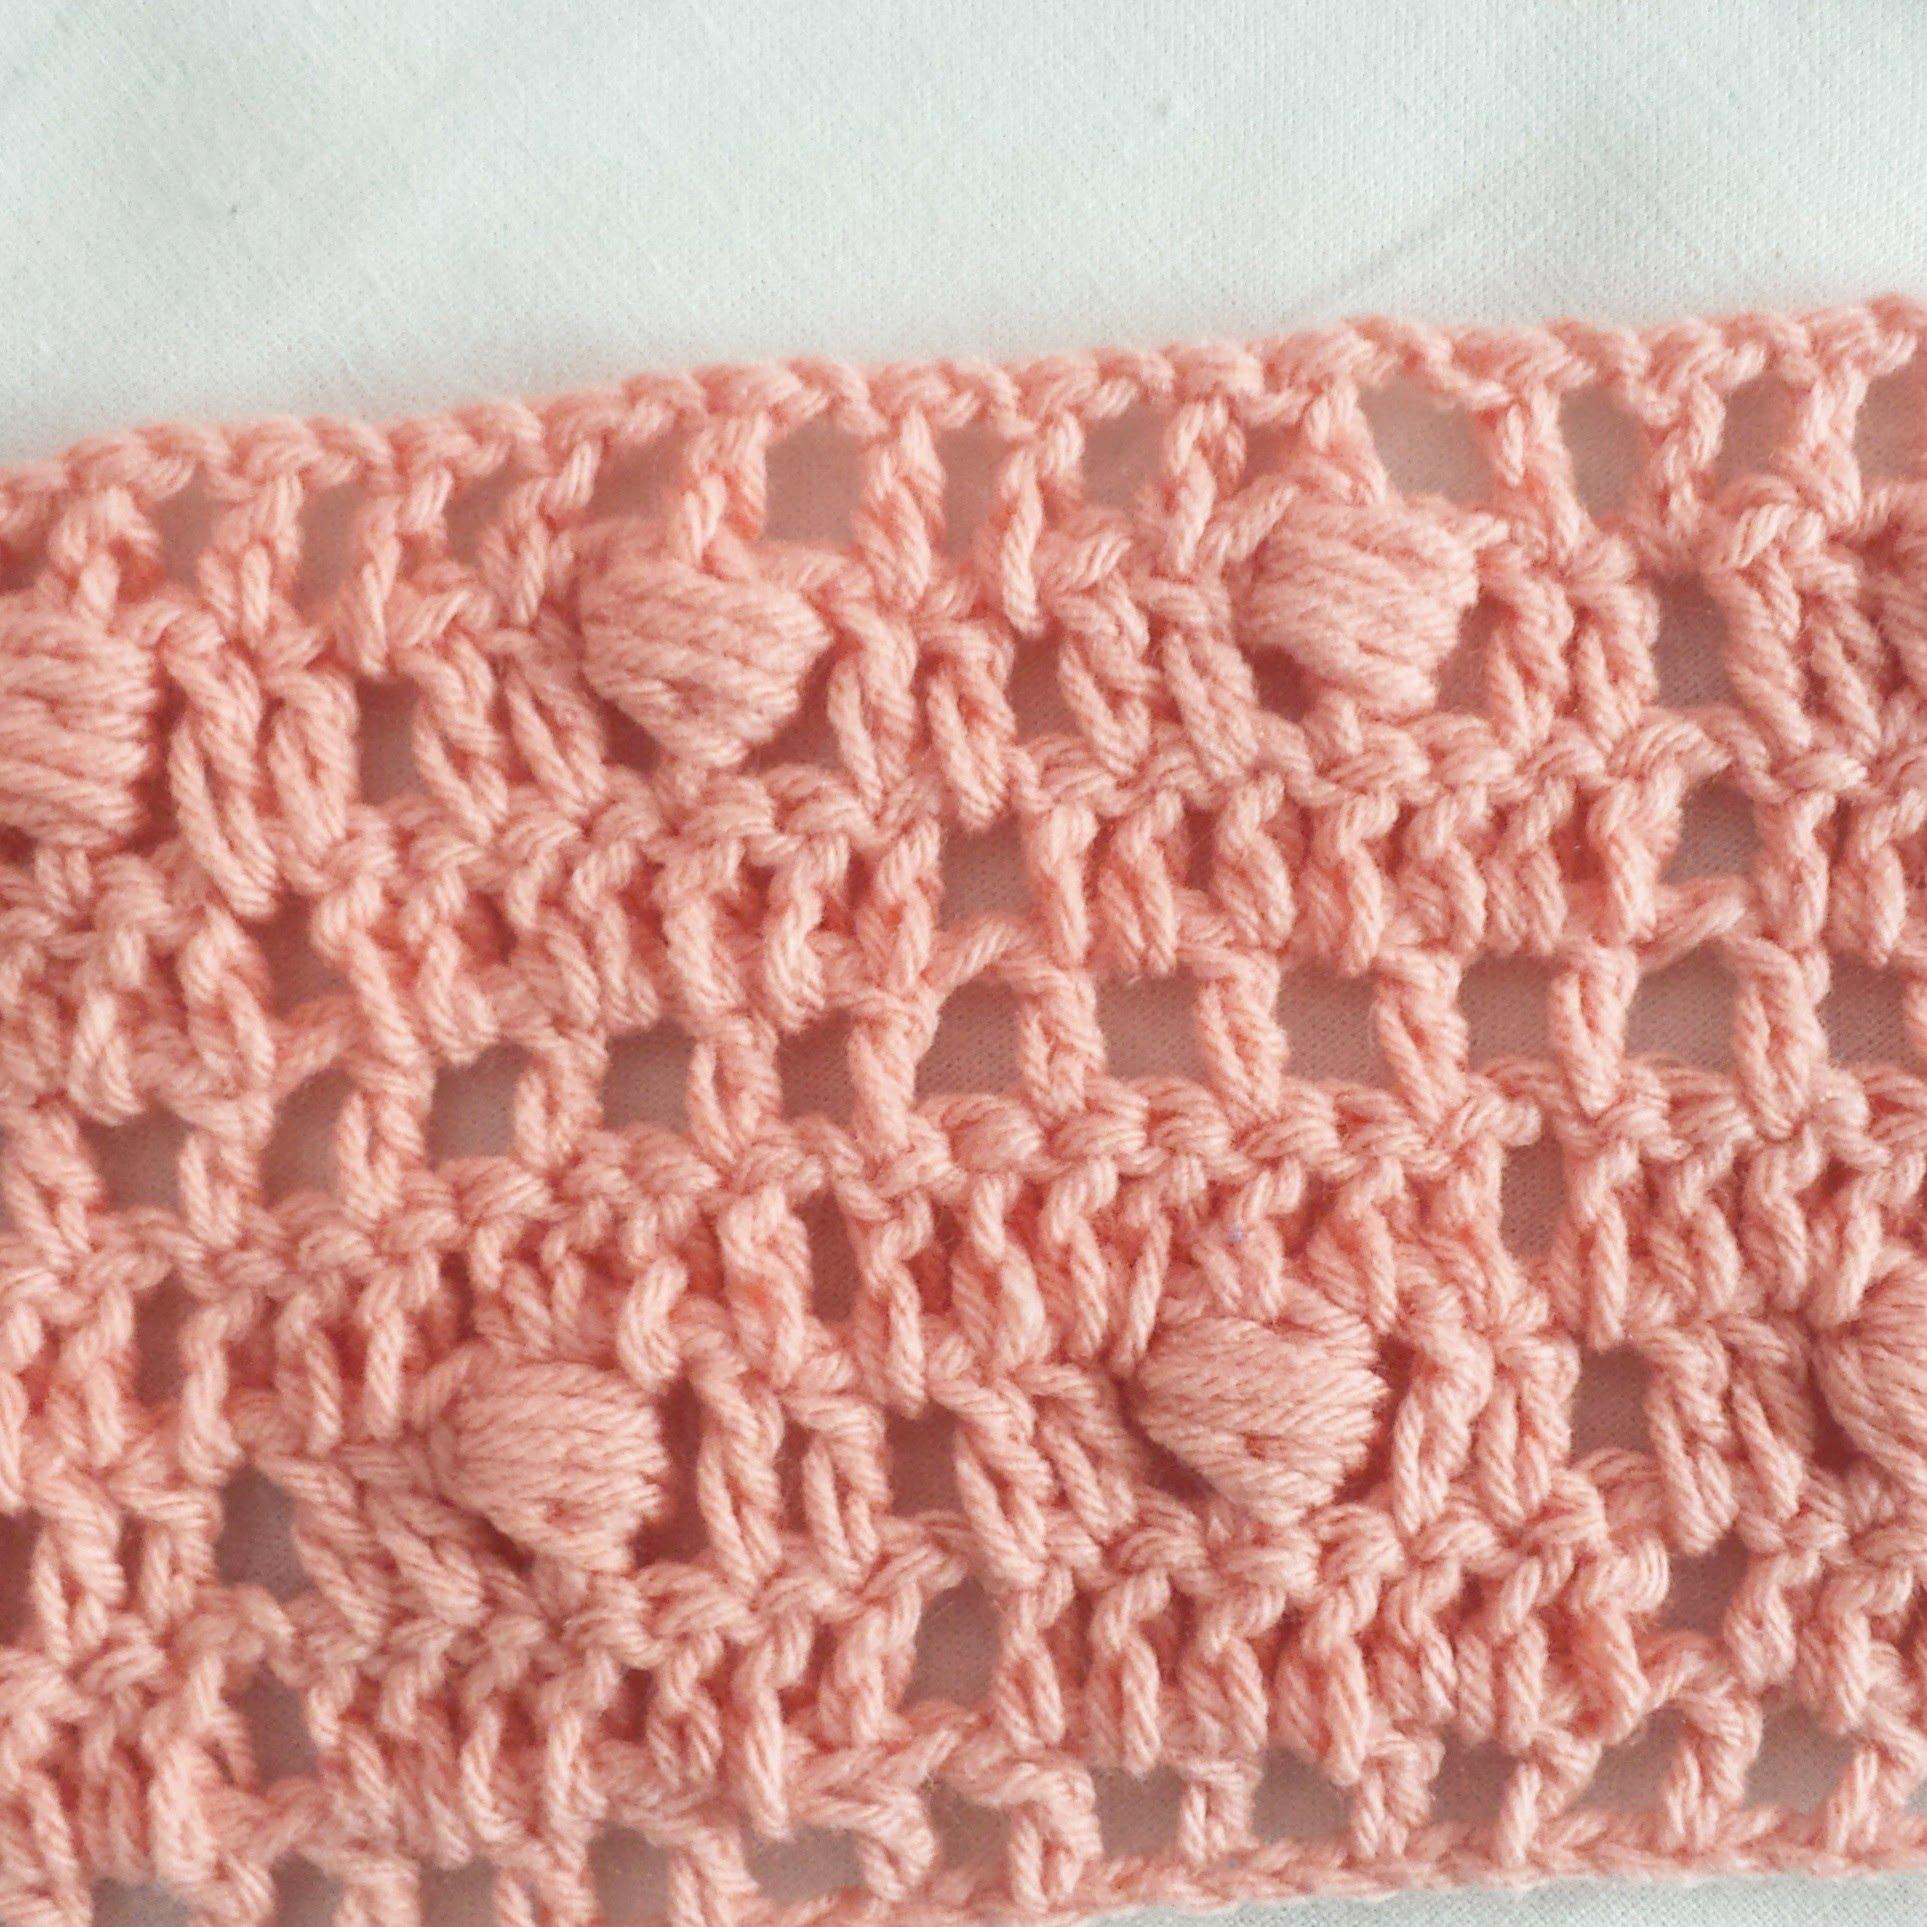 Como hacer un patrón para bufandas tejidas 1 - ¿Cómo lo puedo hacer?